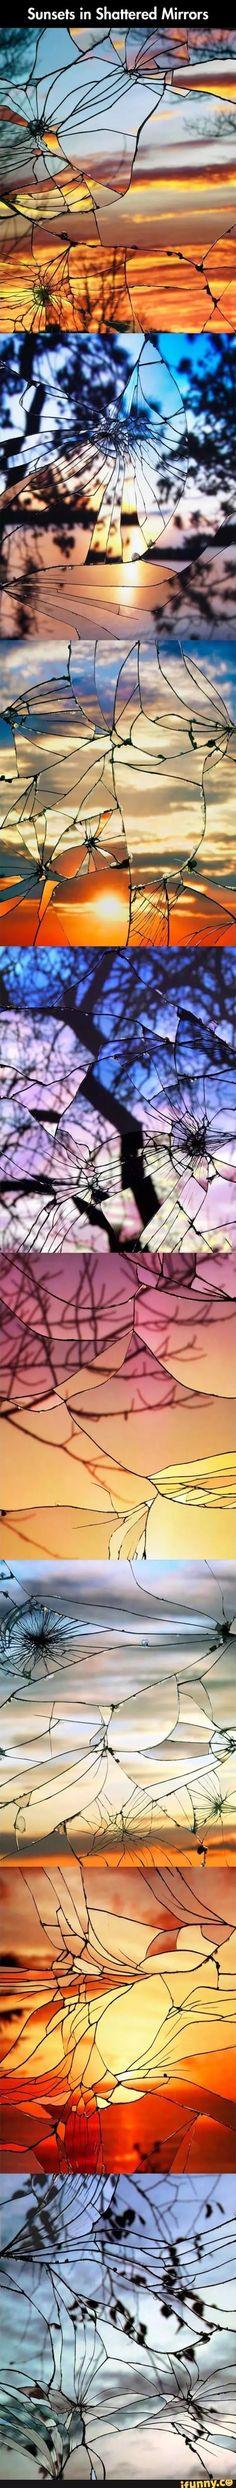 Beautiful sunsets through broken glass